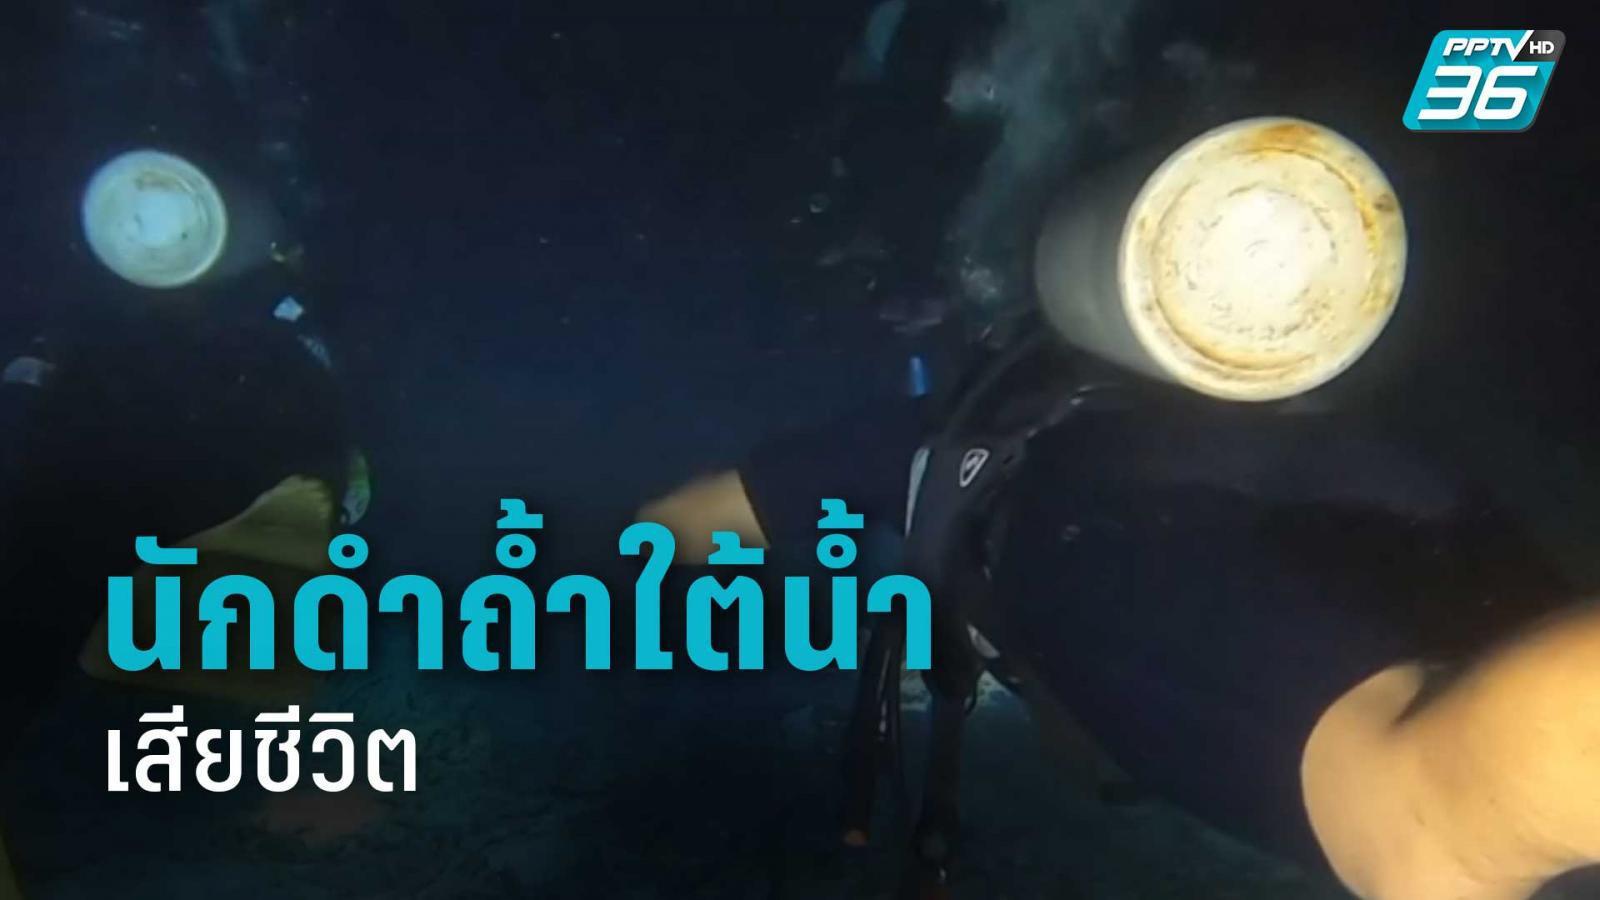 นักดำถ้ำใต้น้ำ เสียชีวิต กลางทะเลสองห้อง